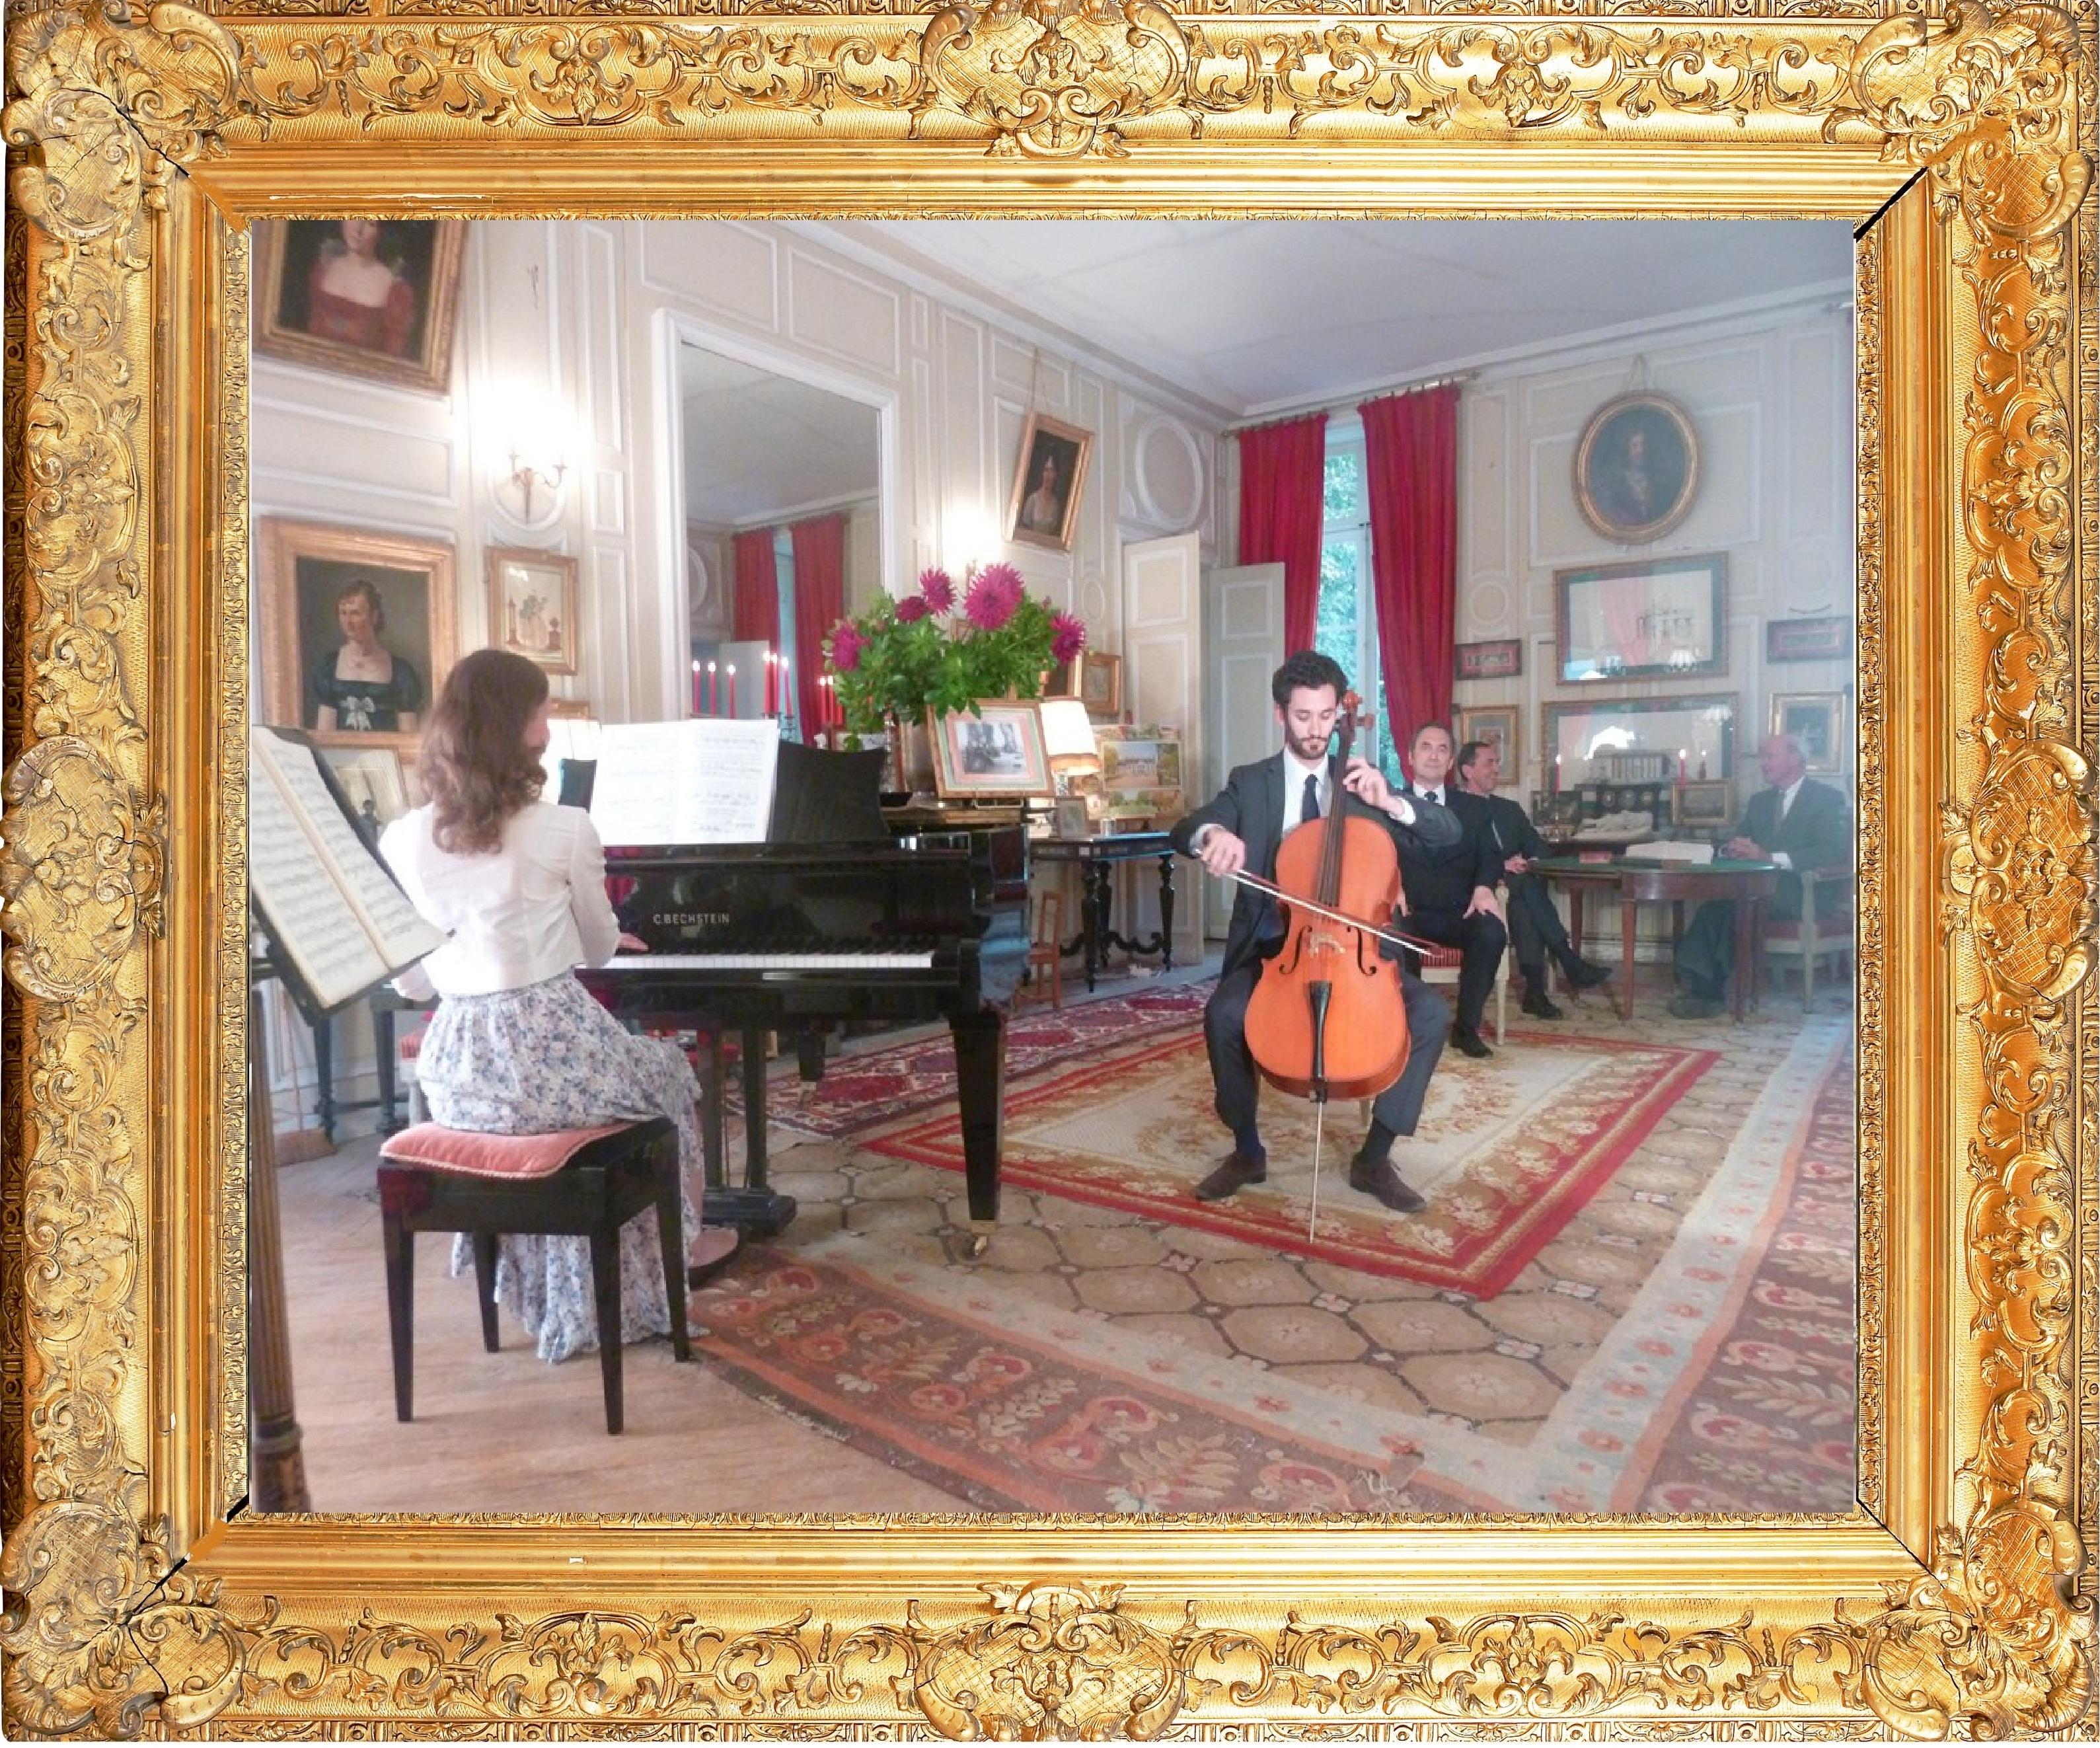 """Concert-Amedee-III-Prouvost-Association """"Le Paris du Nord""""  協會 """"北部巴黎-Thierry-Prouvost-蒂埃里•普罗沃"""